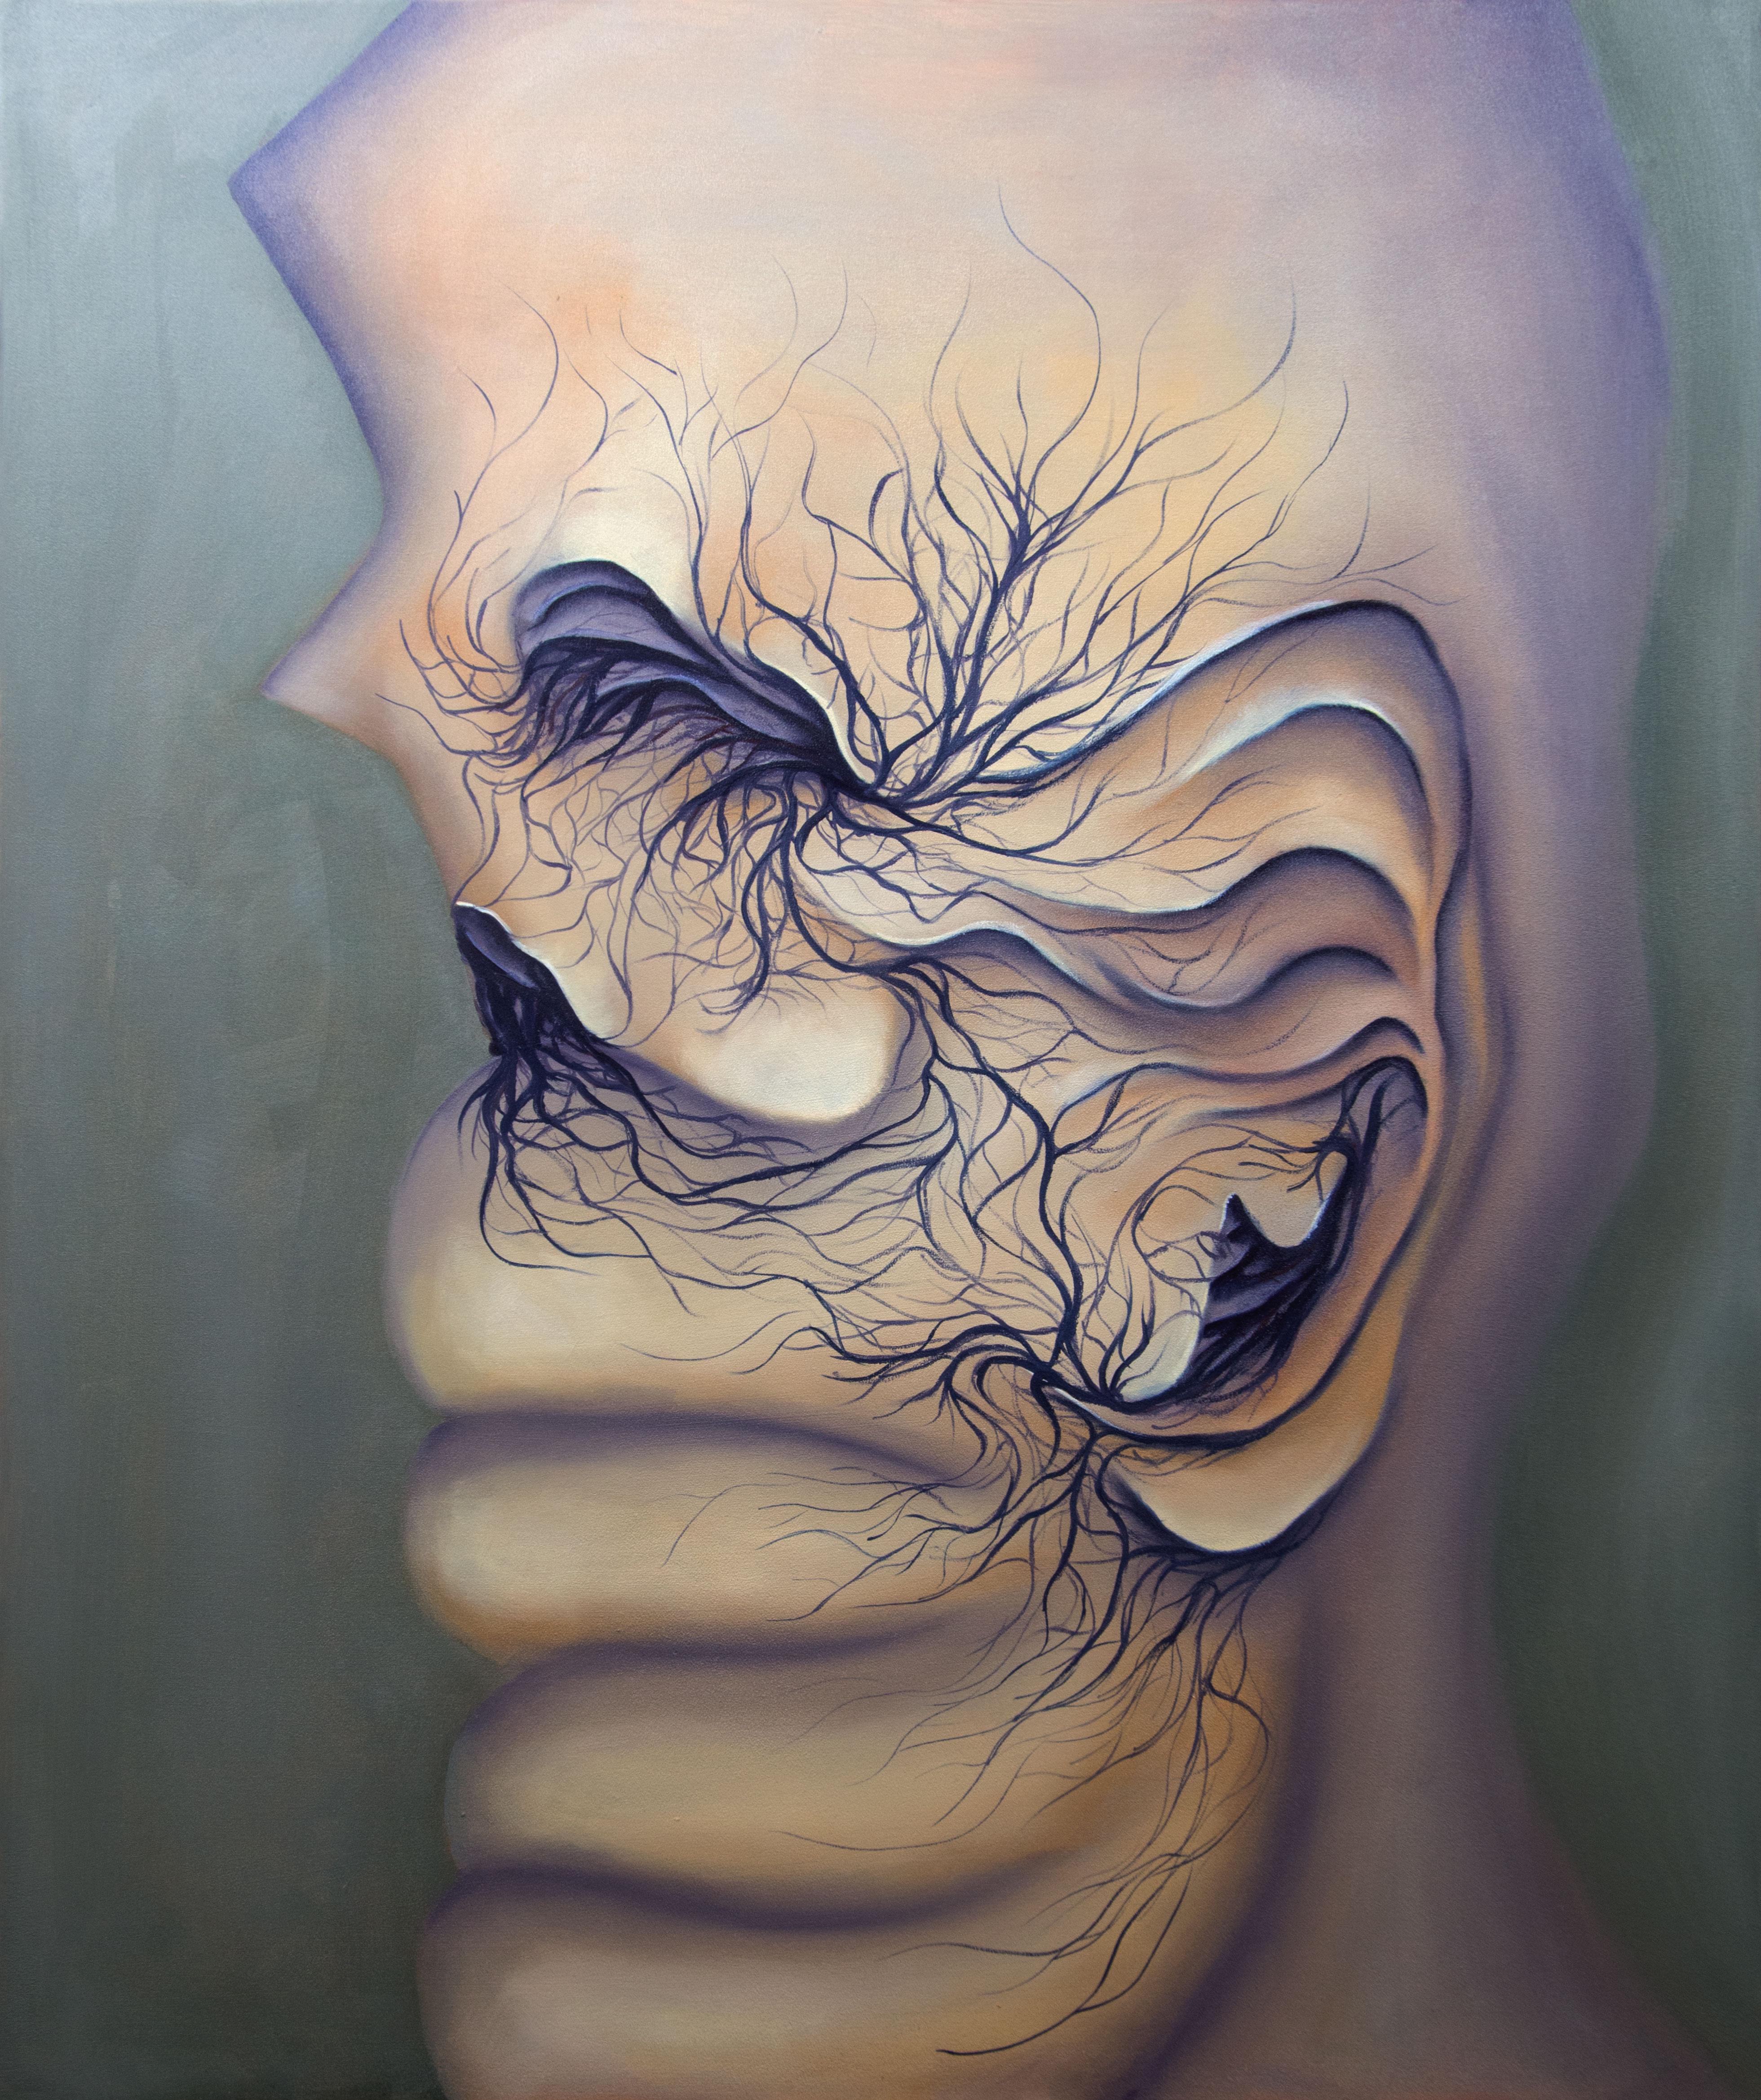 Senseless/Der Sinne beraubt